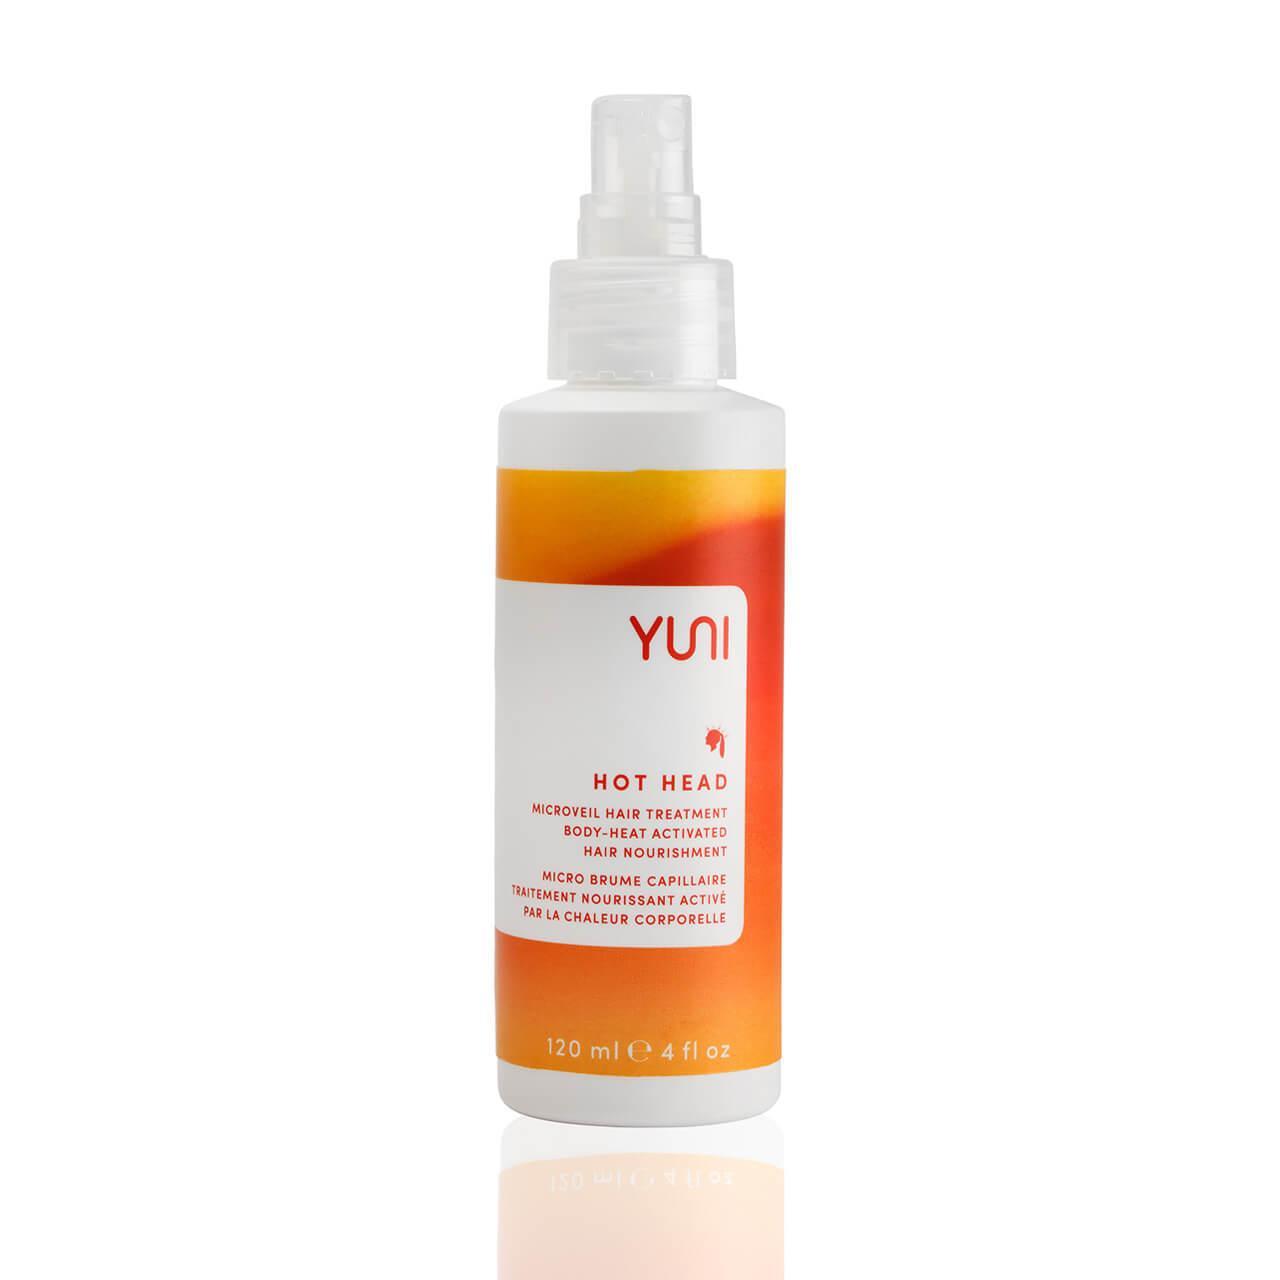 HOT HEAD Microveil Hair Treatment